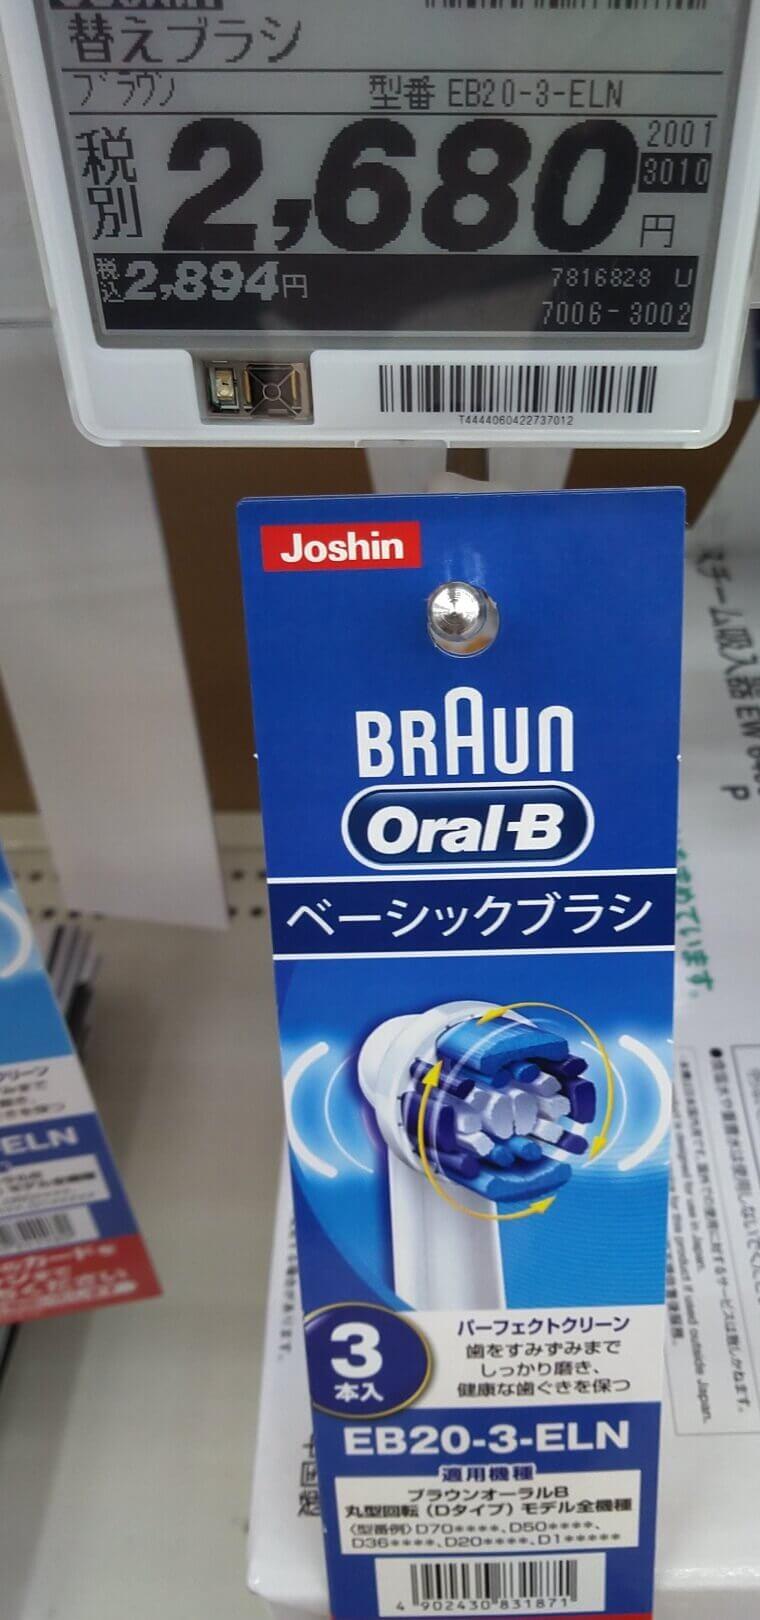 ブラウンオーラルB替え歯ブラシの値段